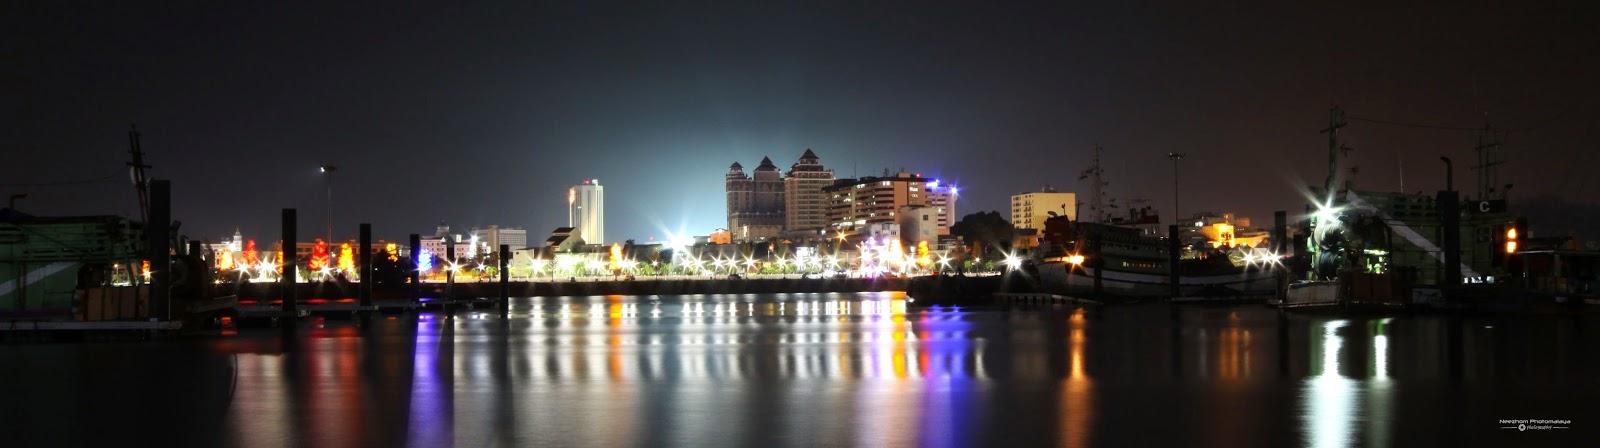 Bandaraya Kuala Terengganu waktu malam